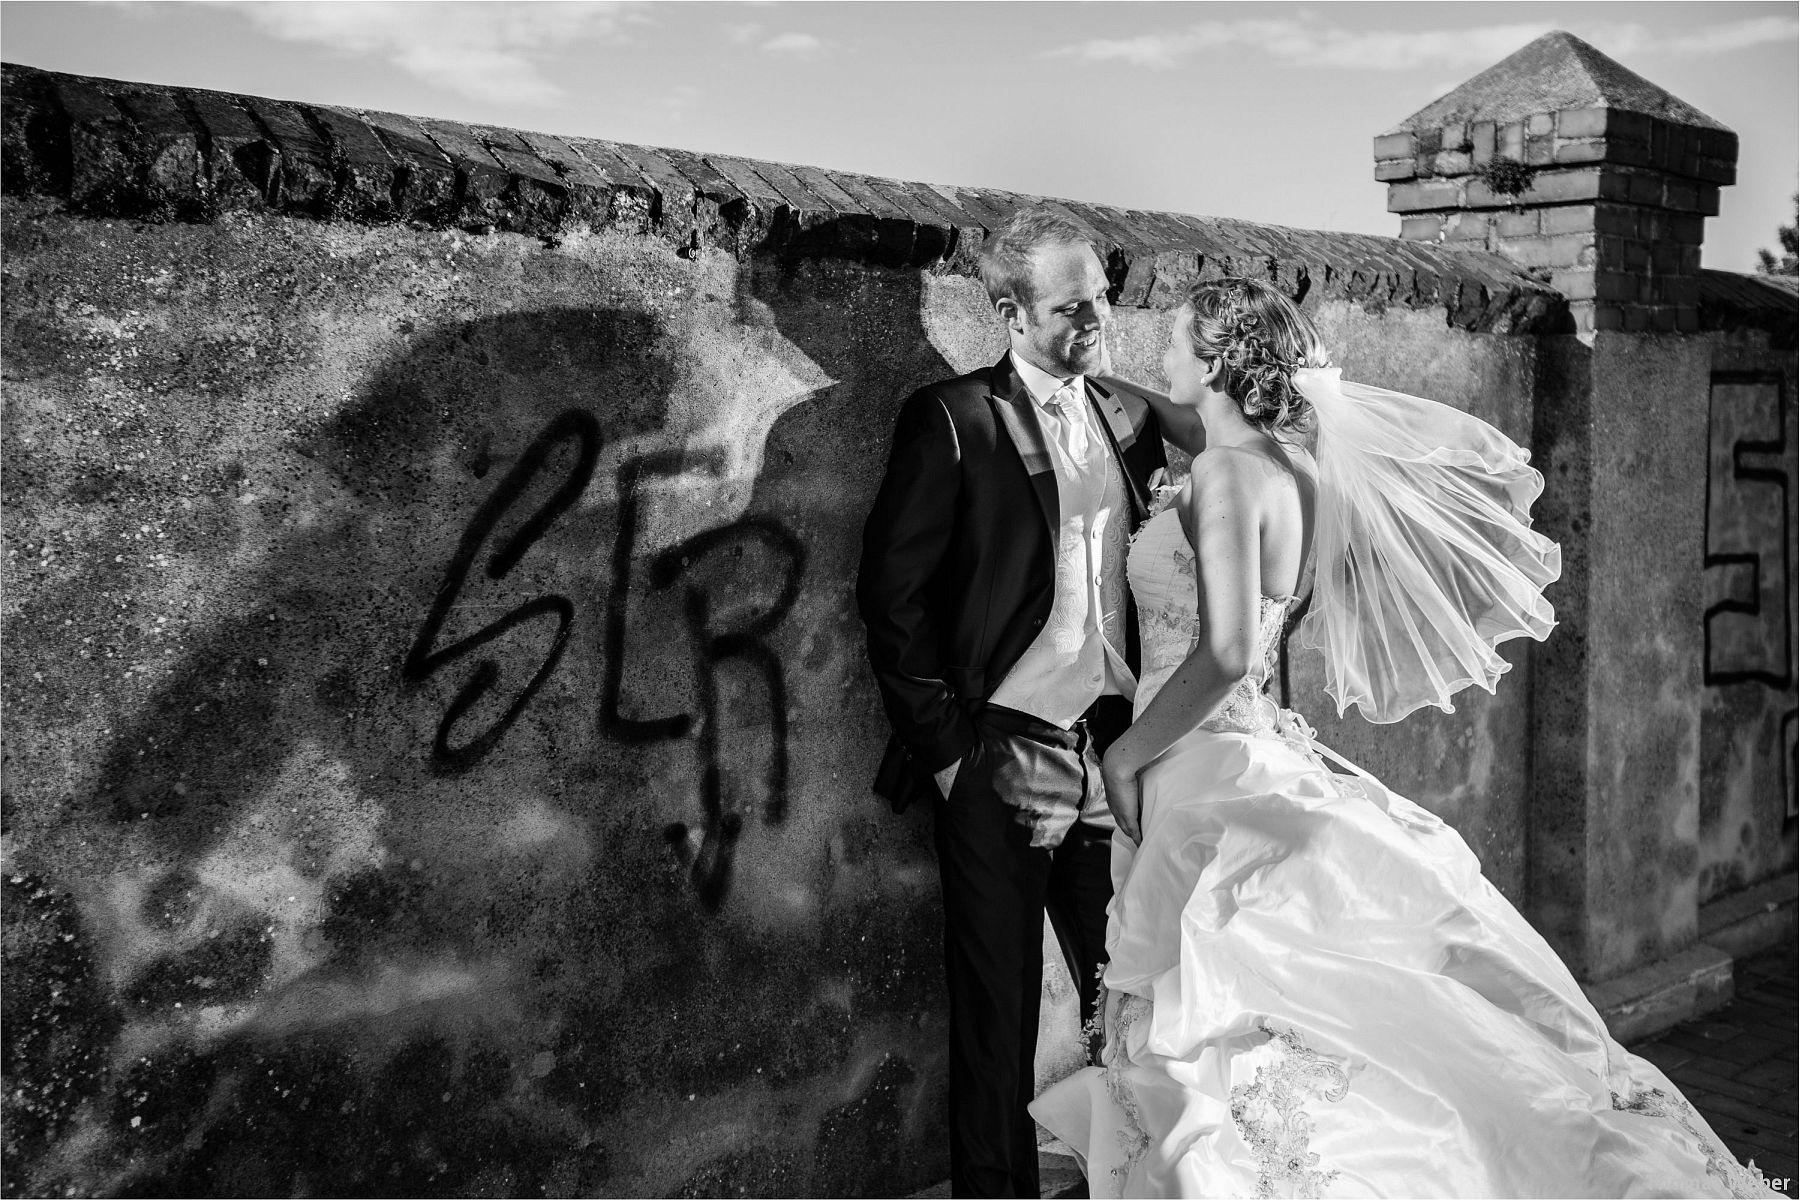 Hochzeitsfotograf Papenburg: Standesamtliche Trauung auf der Burg Kniphausen und Feier im Le Patron am Meer (60)